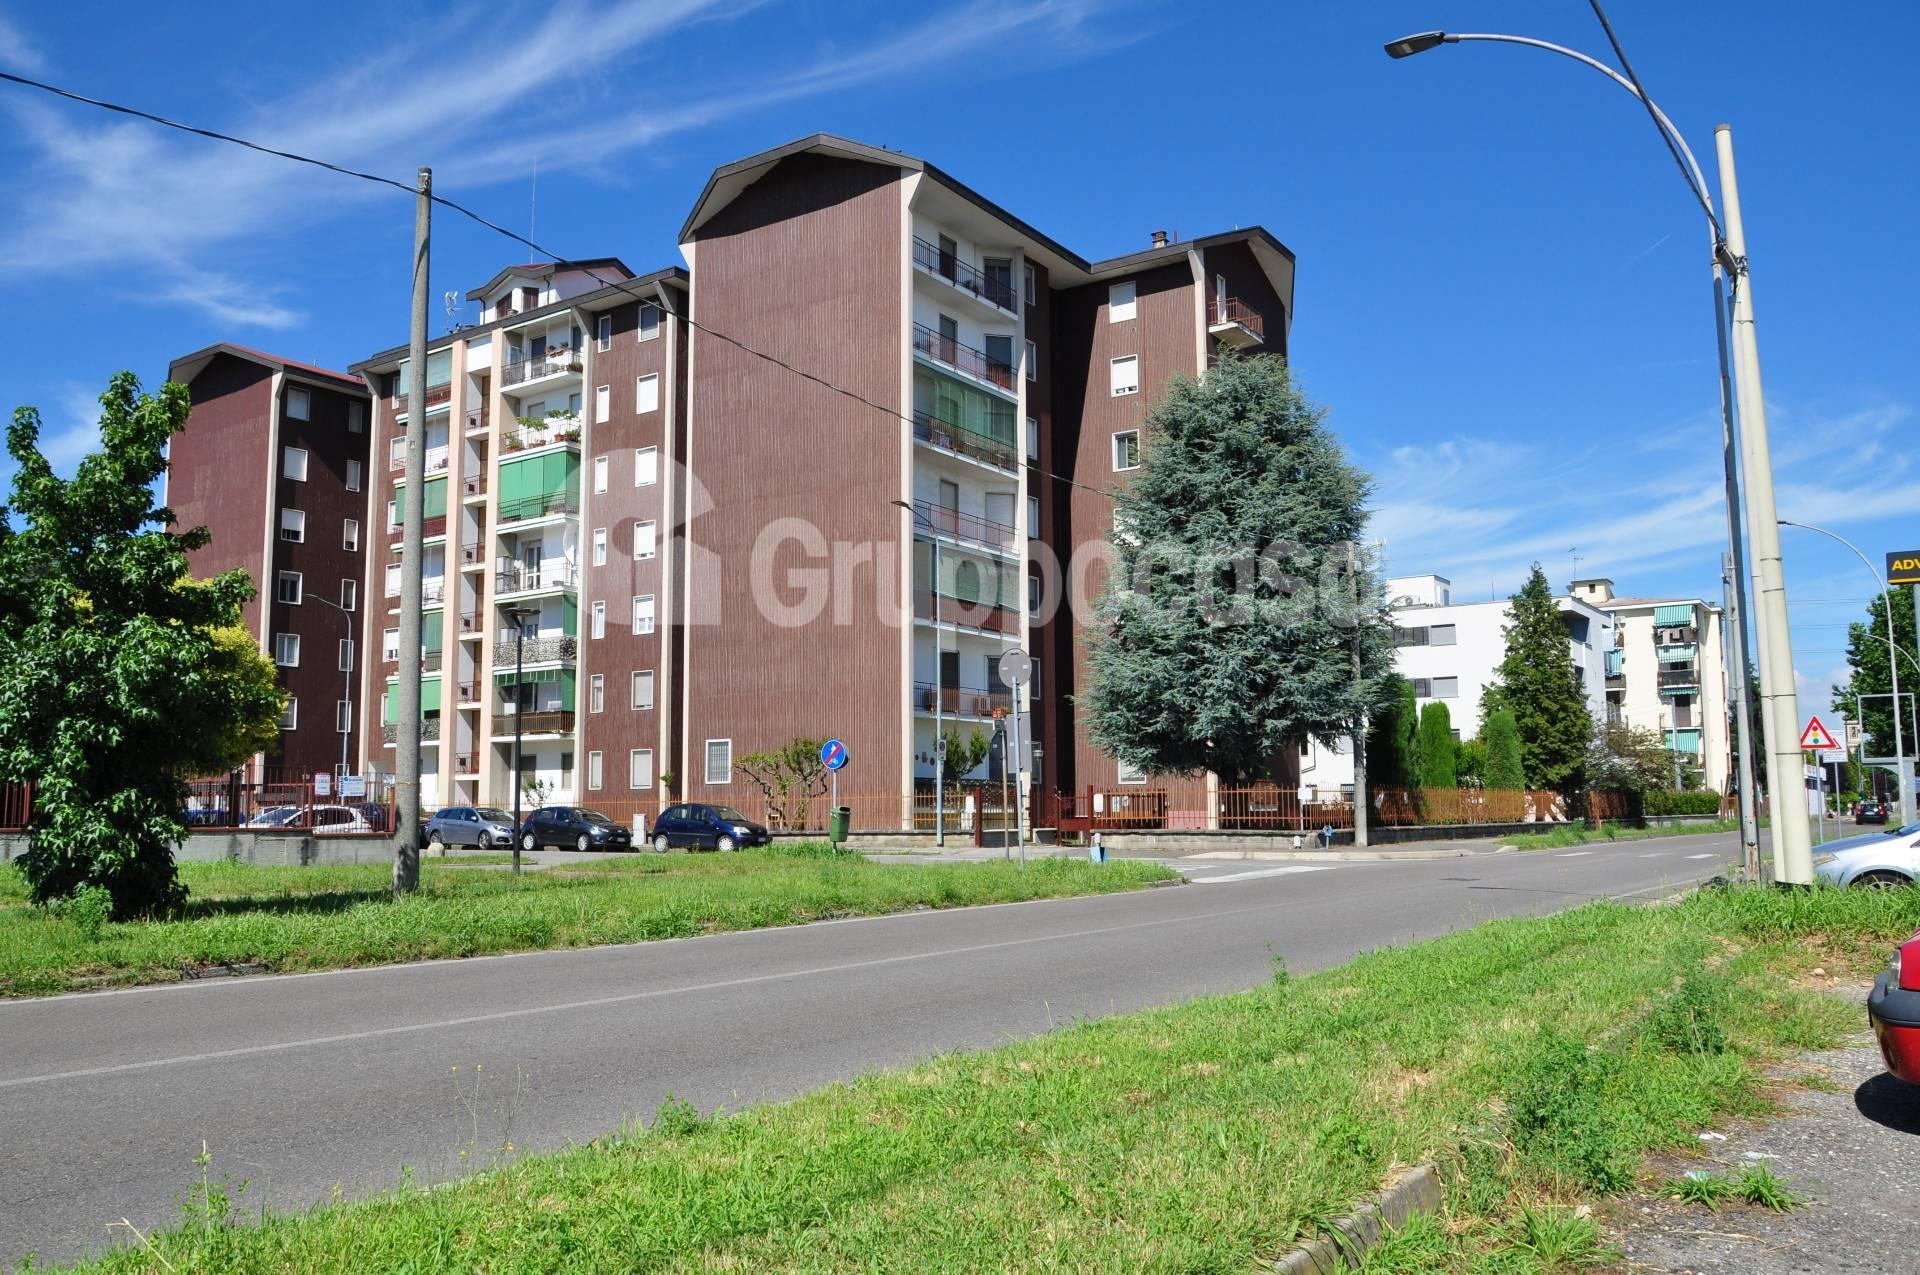 Appartamento in vendita a Corbetta, 3 locali, prezzo € 125.000 | PortaleAgenzieImmobiliari.it